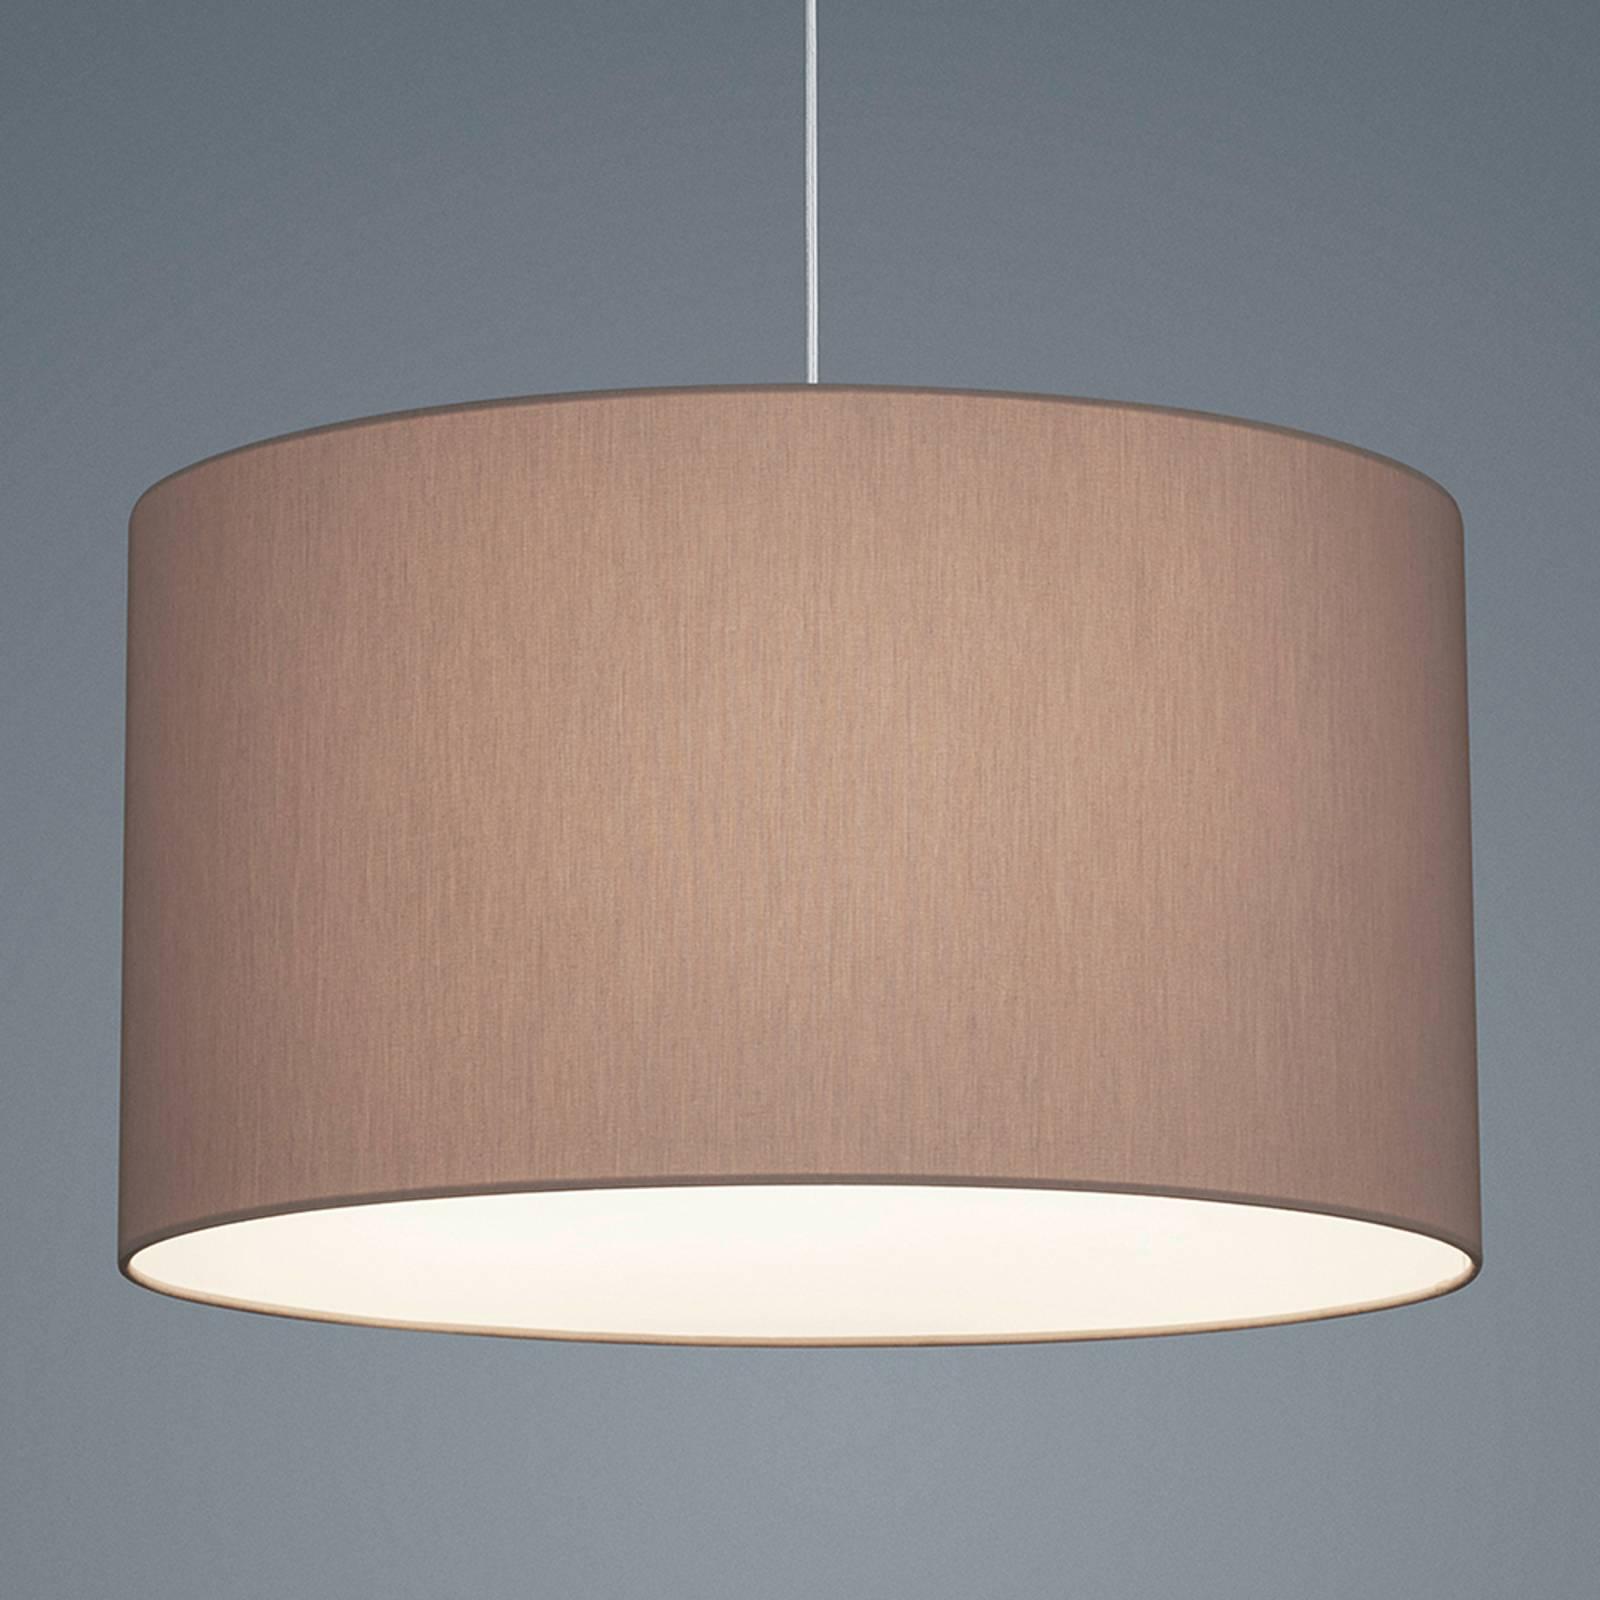 Helestra Certo hanglamp cilinder 1-lamp mocca